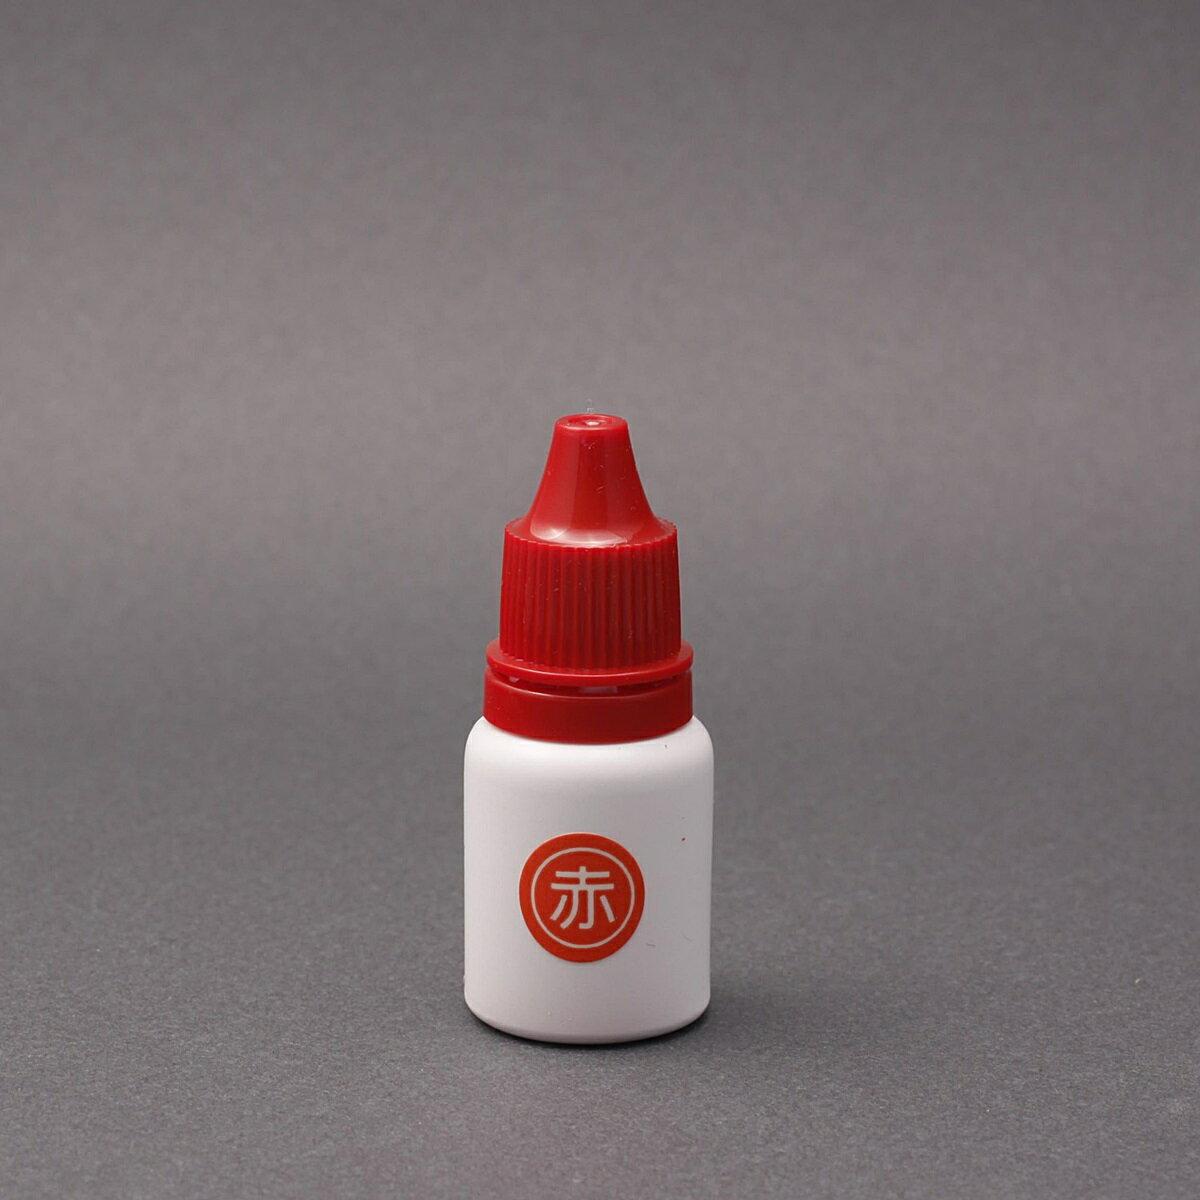 シャイニー-共用・補充インク-赤色-10cc